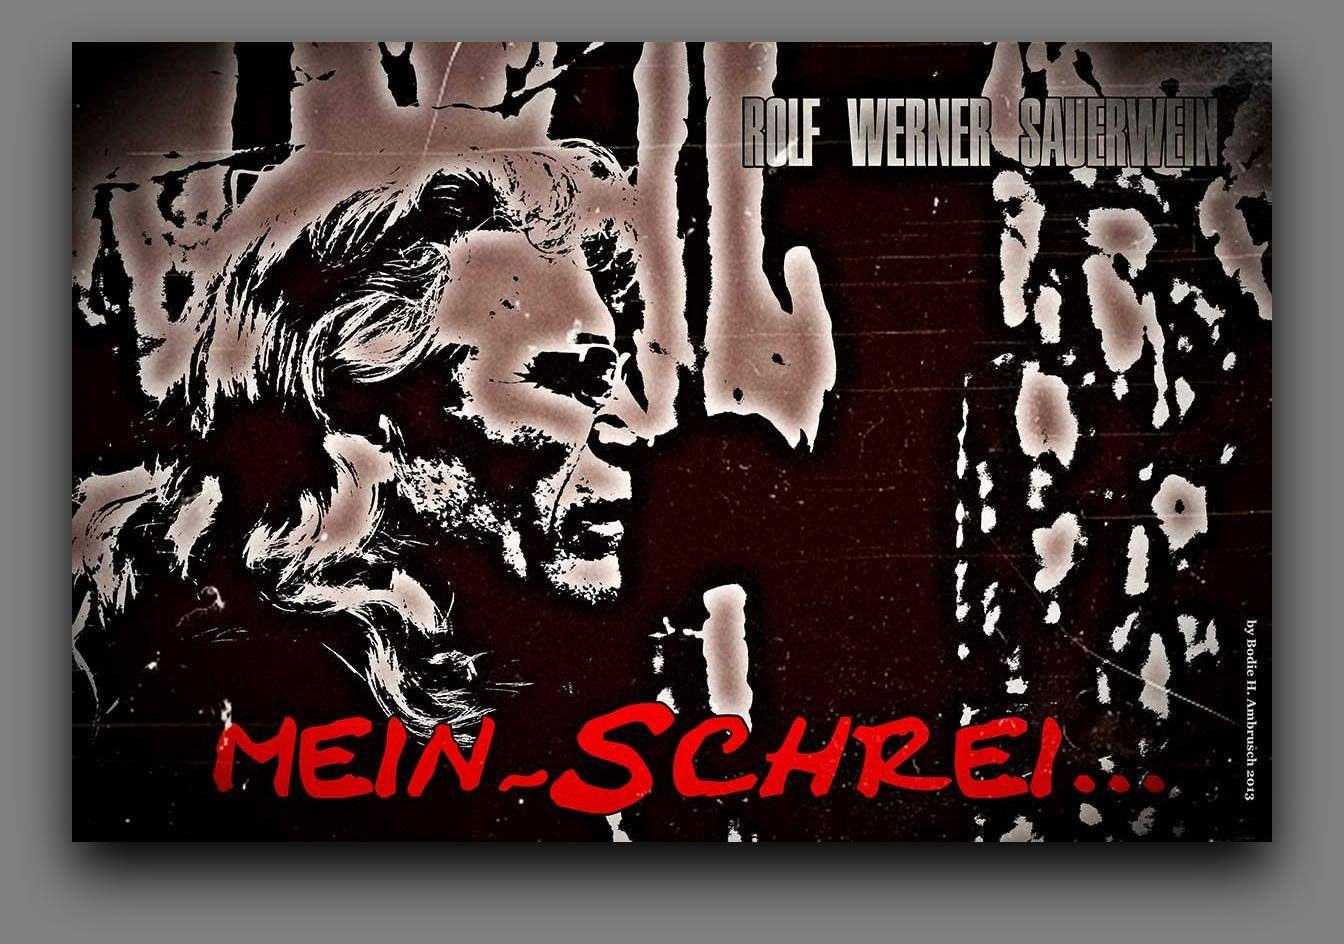 Rolf_Werner_Sauerwein_Foto_Art_Design_by_Bodie_H_Ambrusch